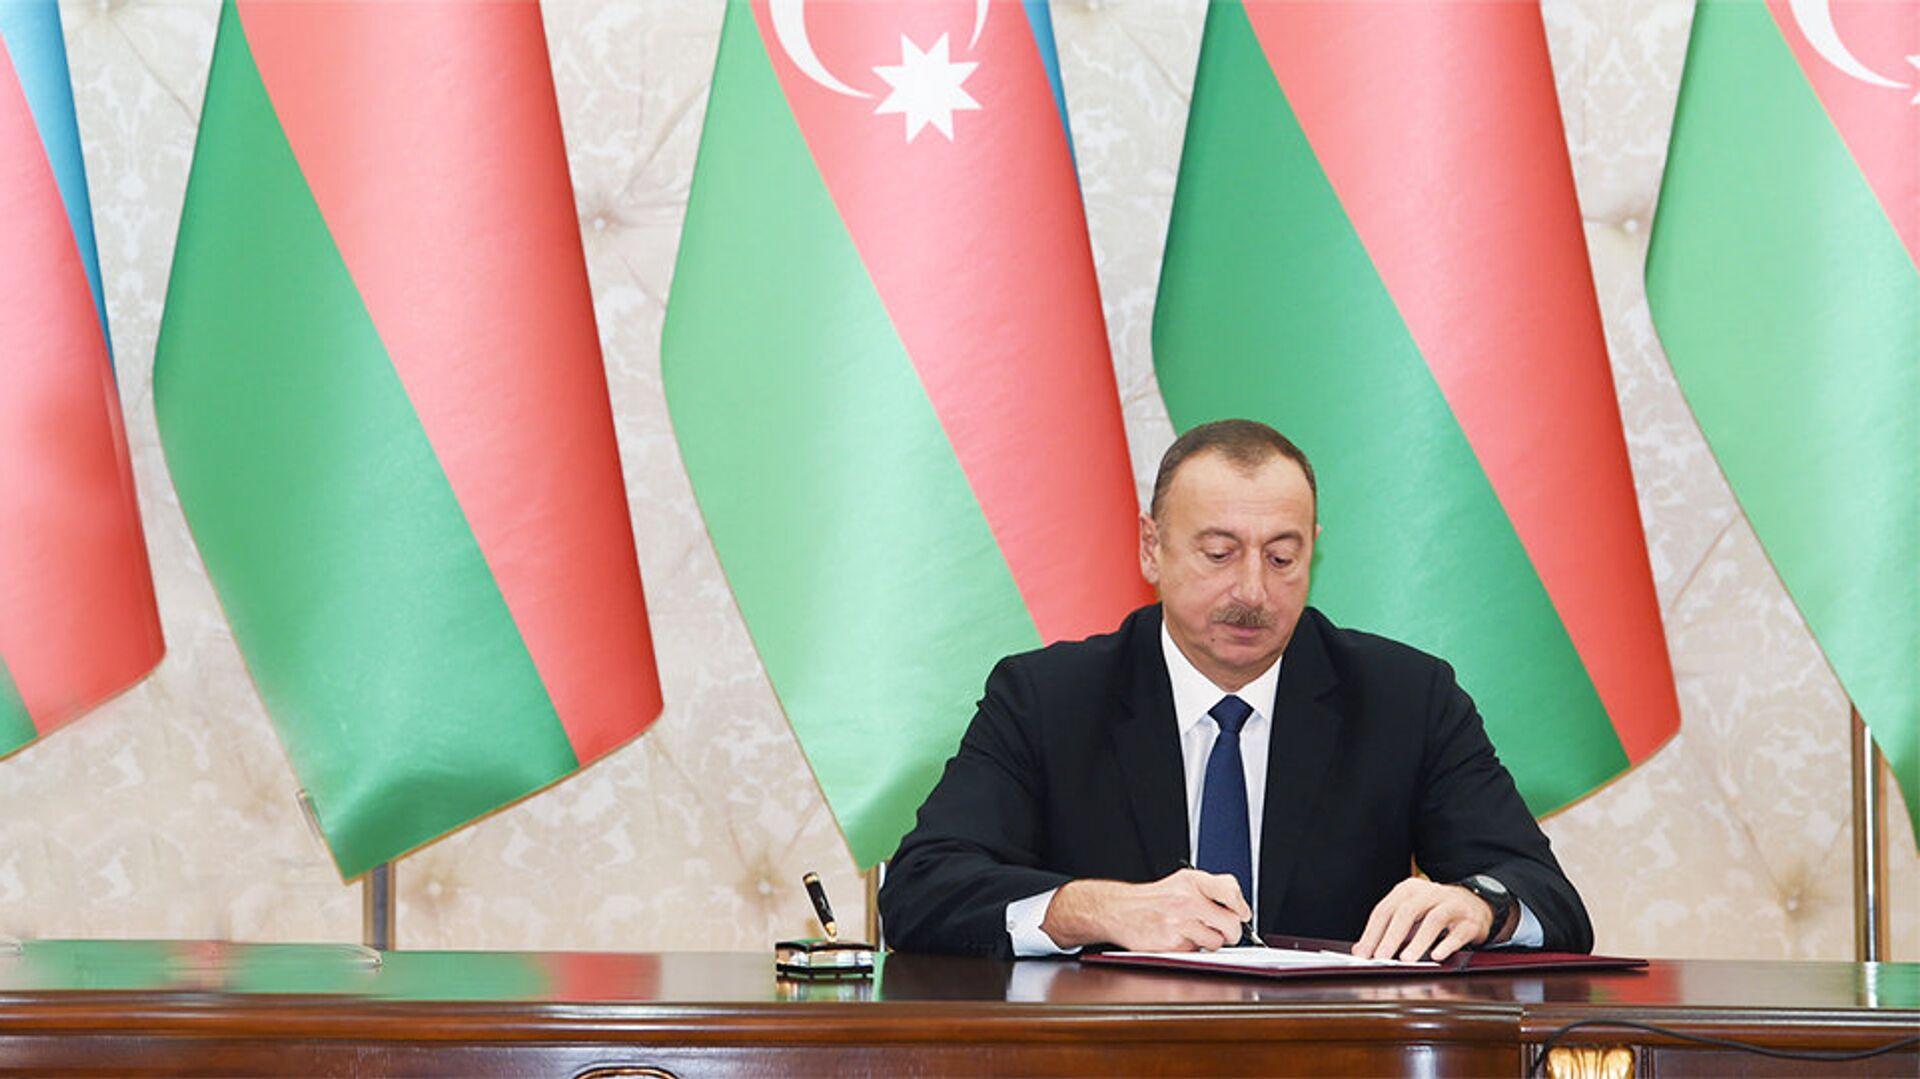 İlham Əliyev, Azərbaycan Respublikasının Prezidenti - Sputnik Азербайджан, 1920, 25.08.2021